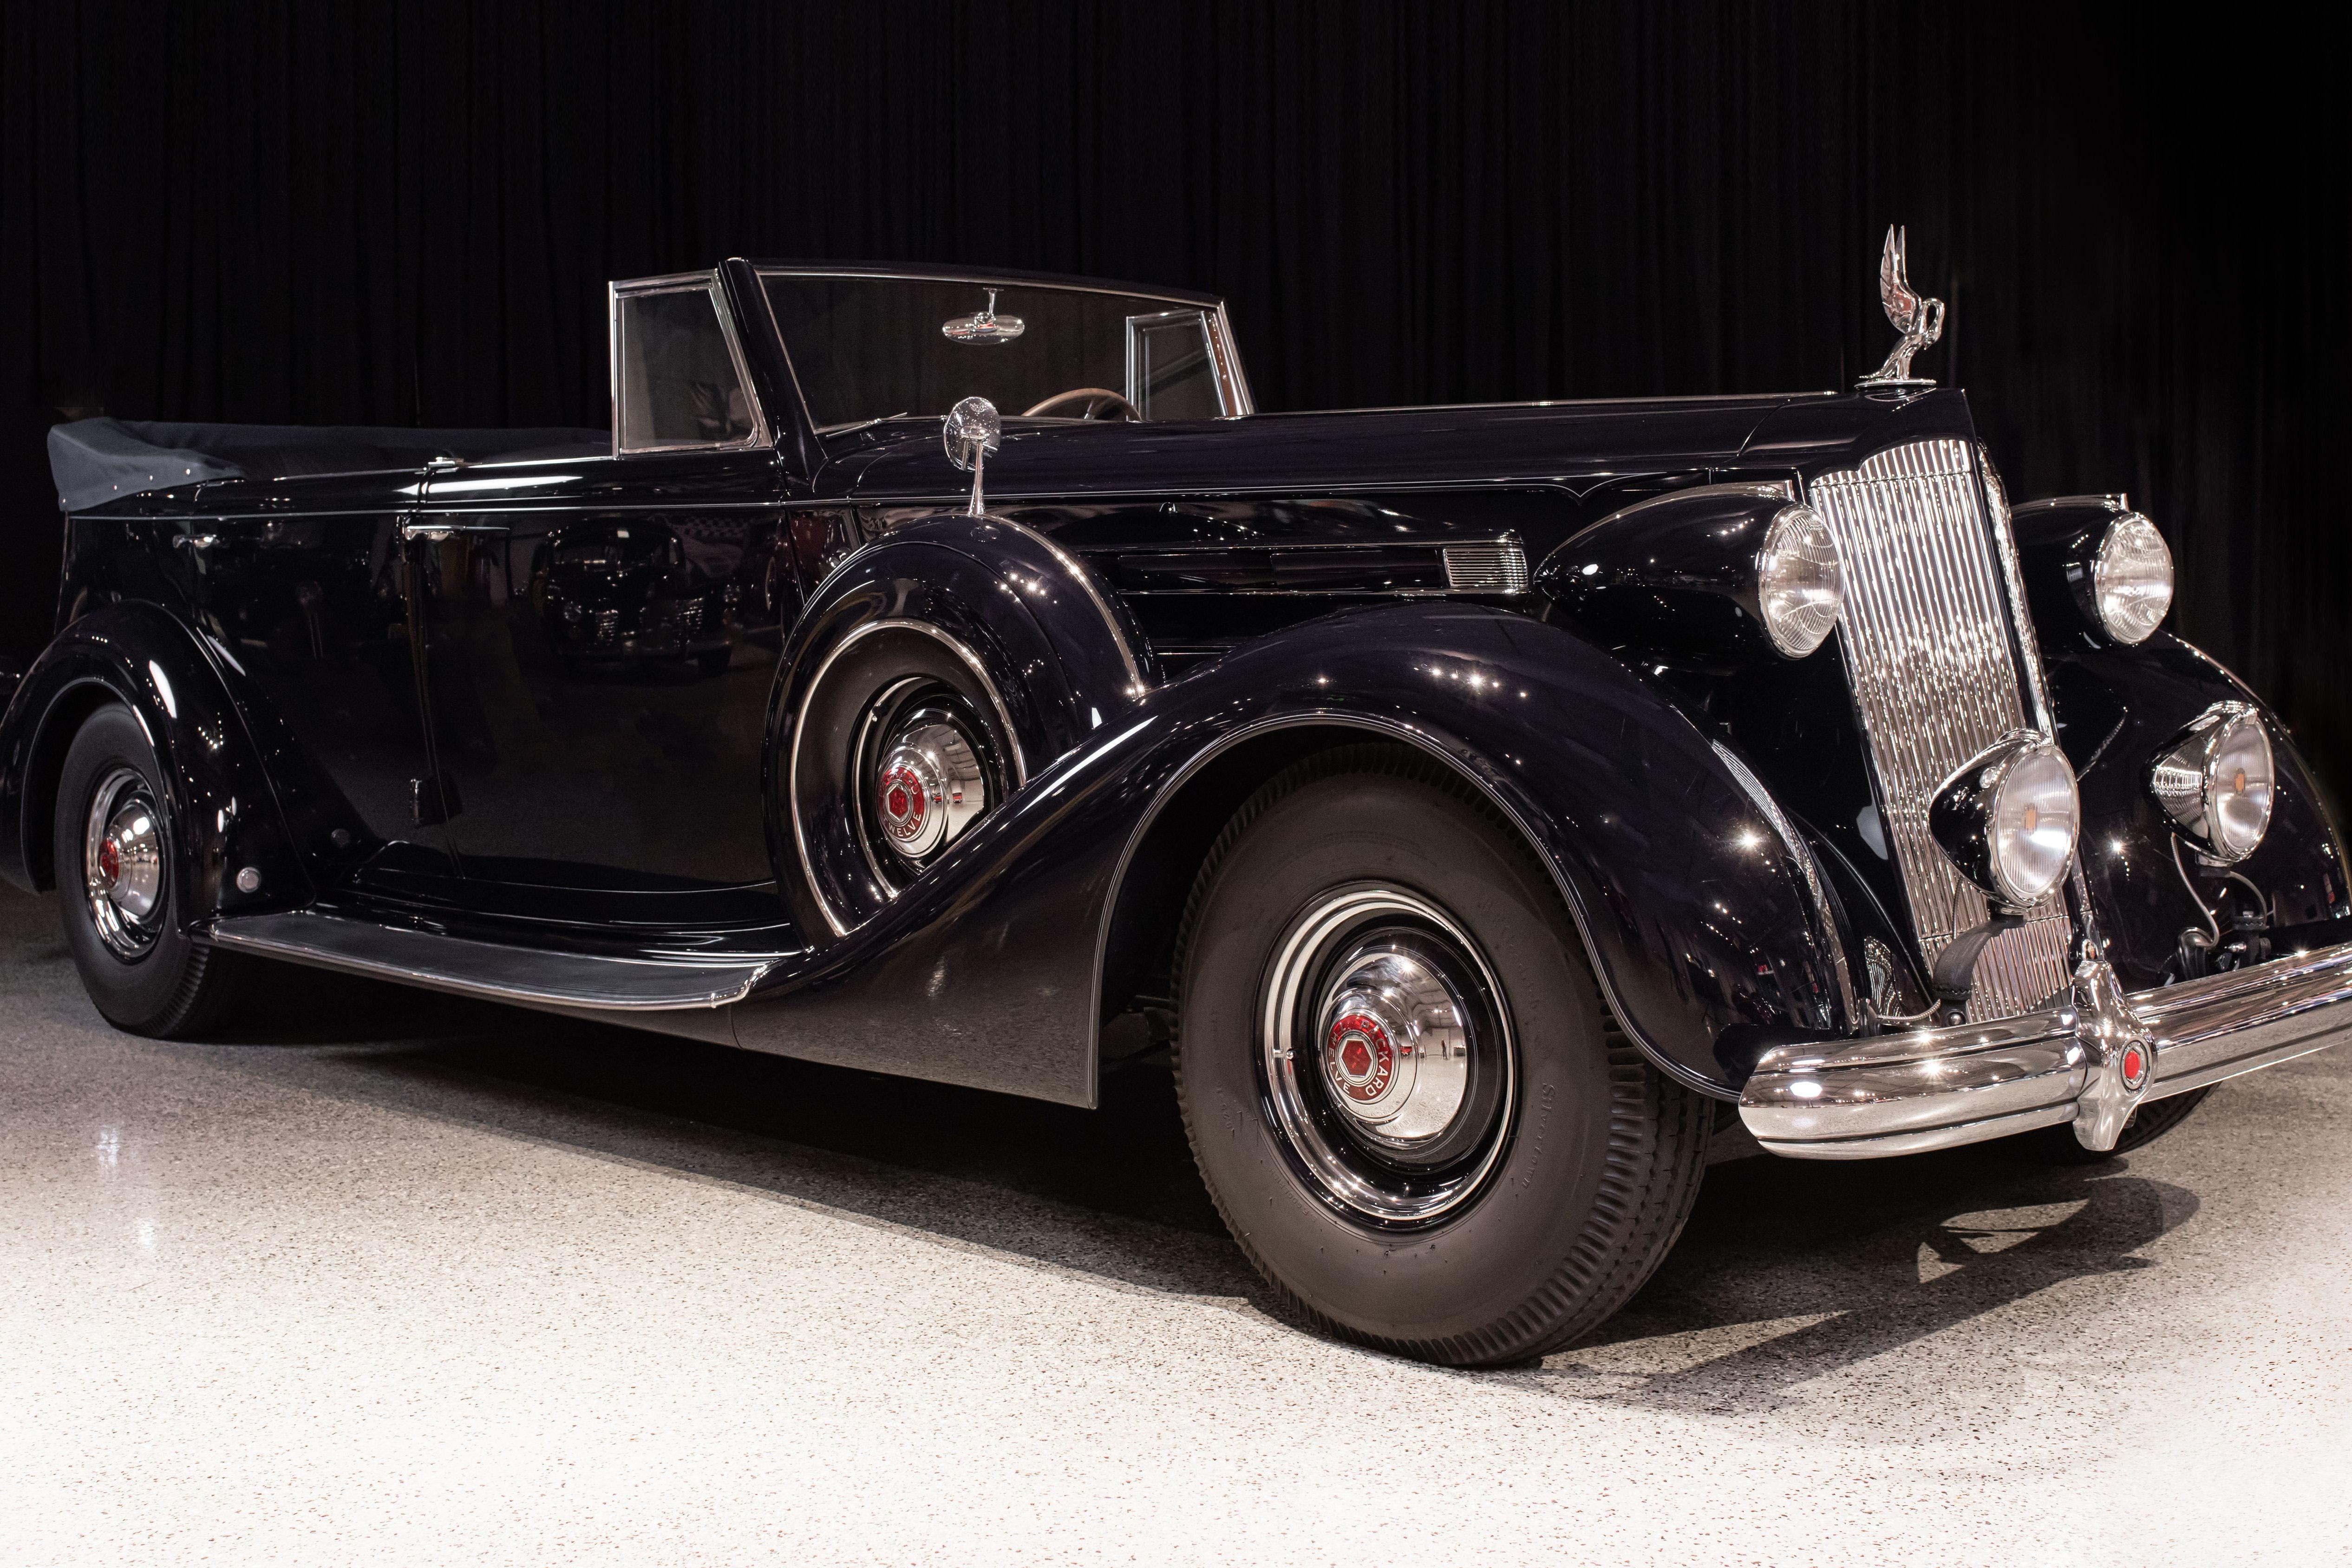 1937 Packard Twelve-Series 1508